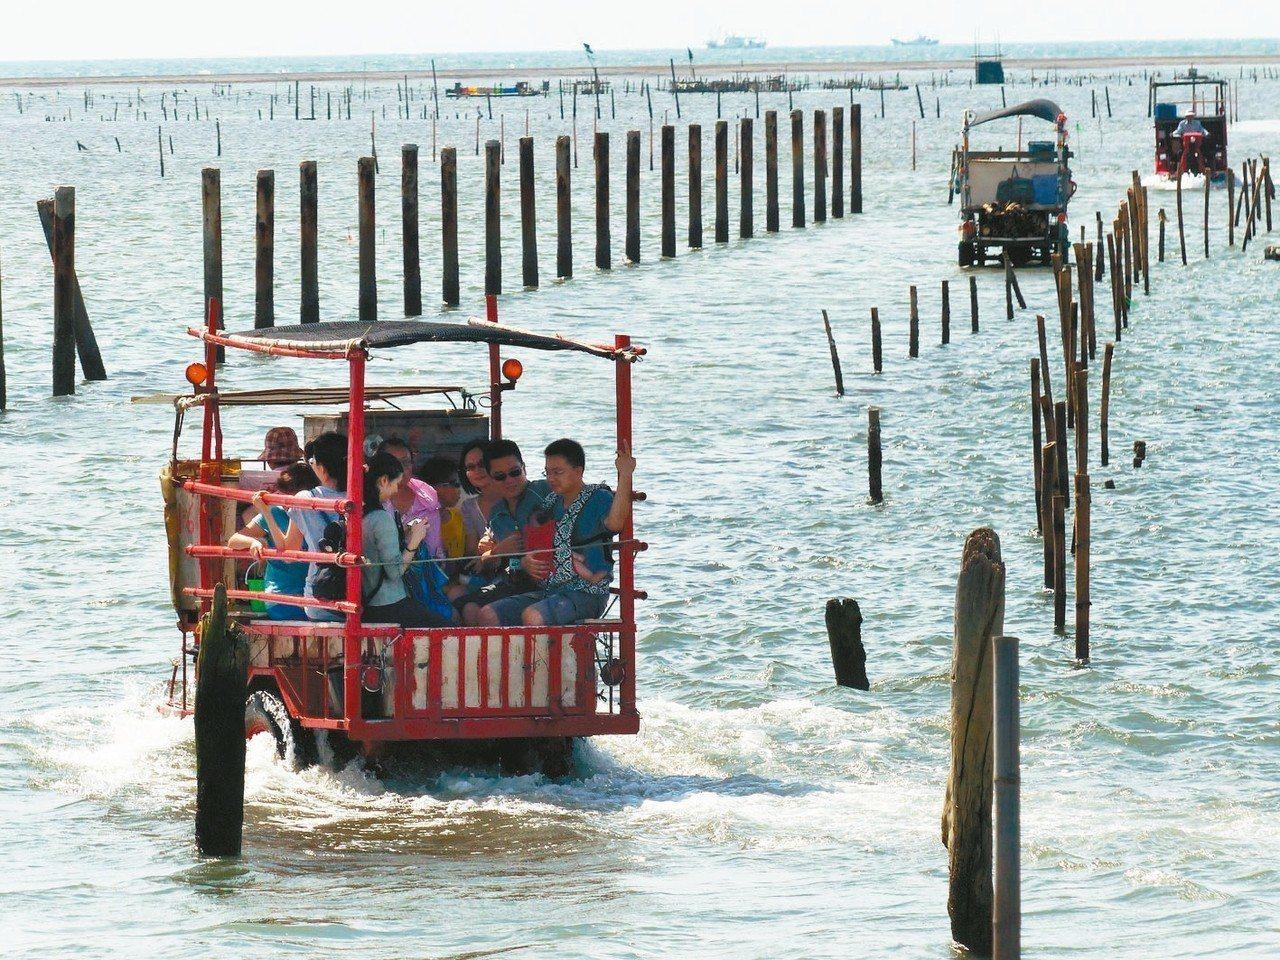 王功漁港最重要的景點就是蚵棚,假日常有遊客搭鐵牛車體驗採蚵。 圖/聯合報系資料照...